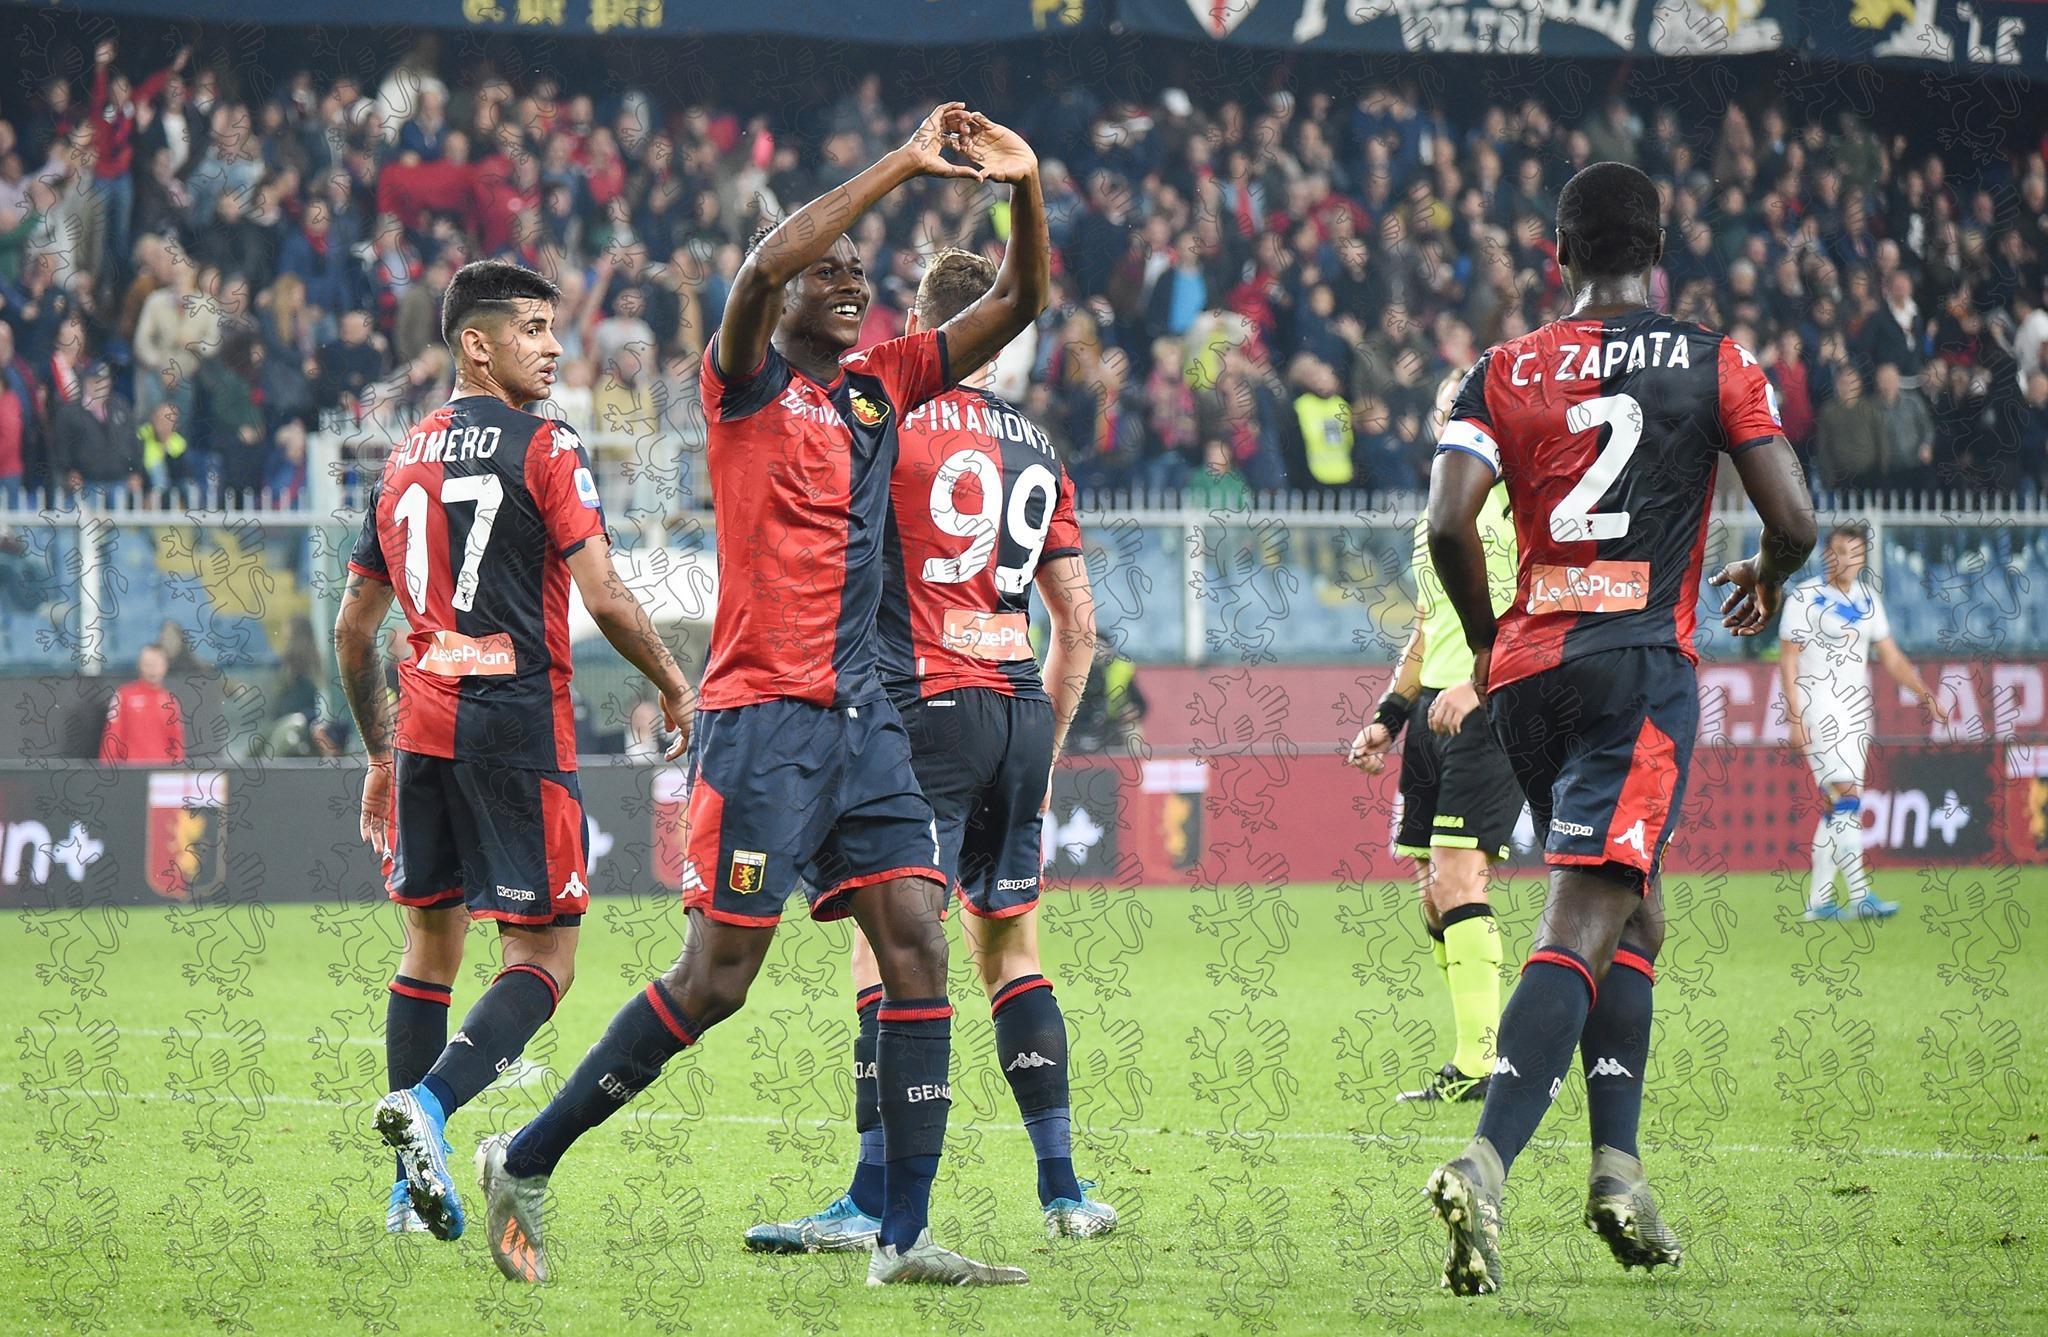 Tjetër rast me Coronavirus, Genoa humb lojtarin e dytë para sfidës me Napolin